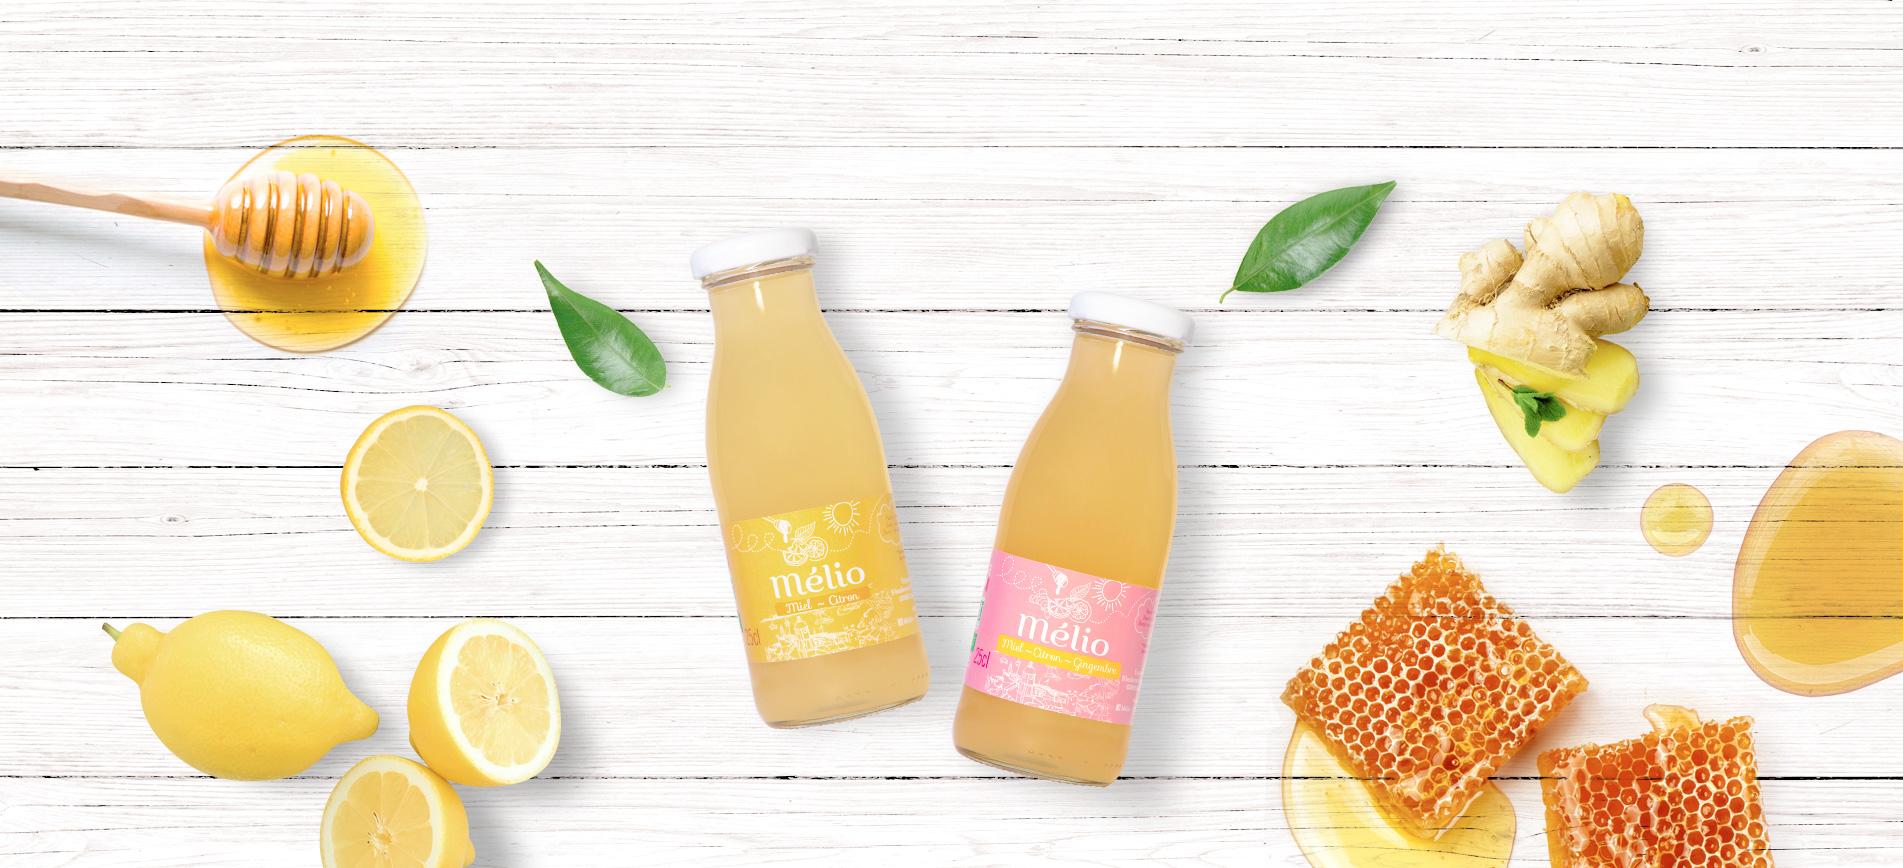 Melio boisson au miel bio